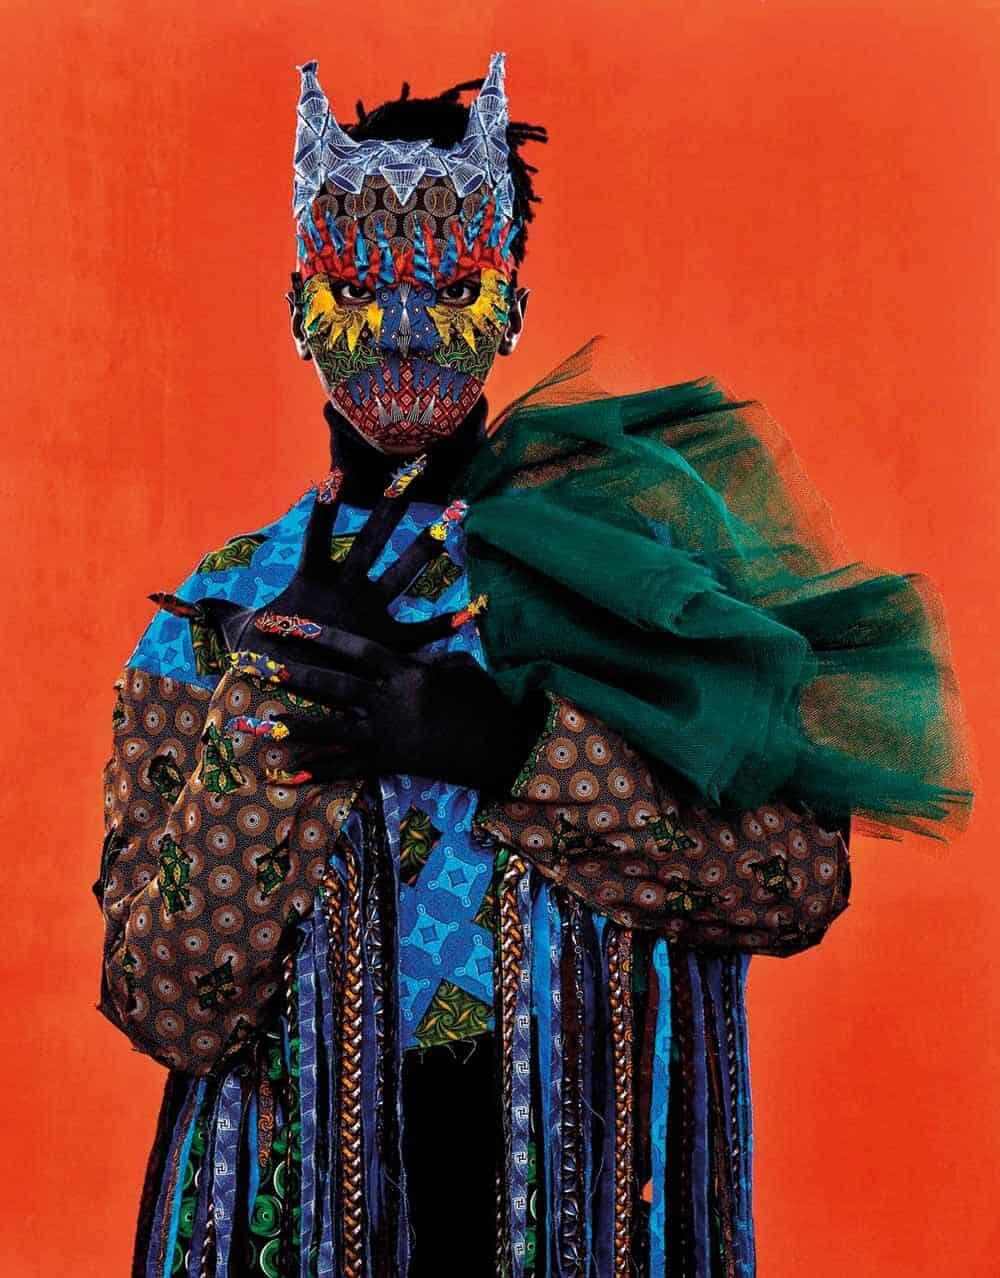 Ritratto di Siwa Mgoboza di Gerda Genis. Courtsey della Semaphore Gallery.